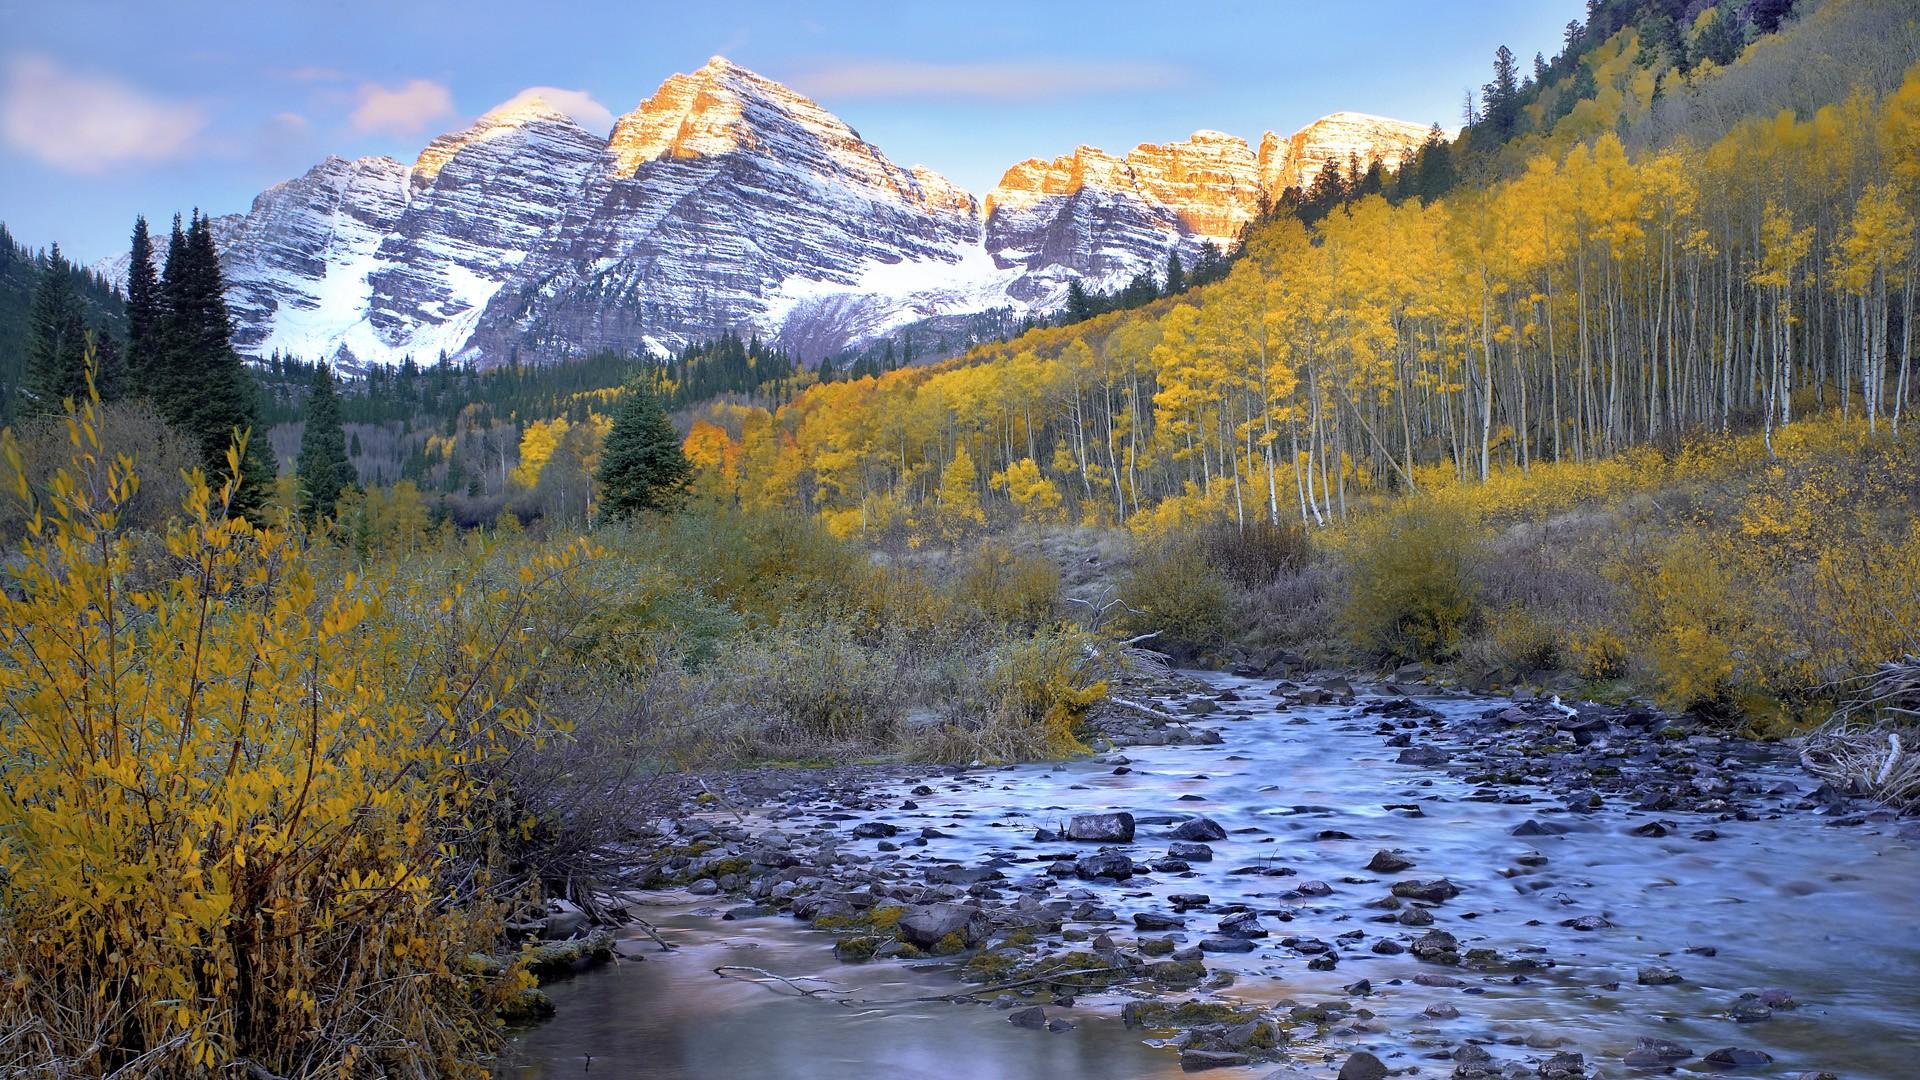 Autumn Colorado Wallpaper 1920x1080 Autumn Colorado Bells 1920x1080